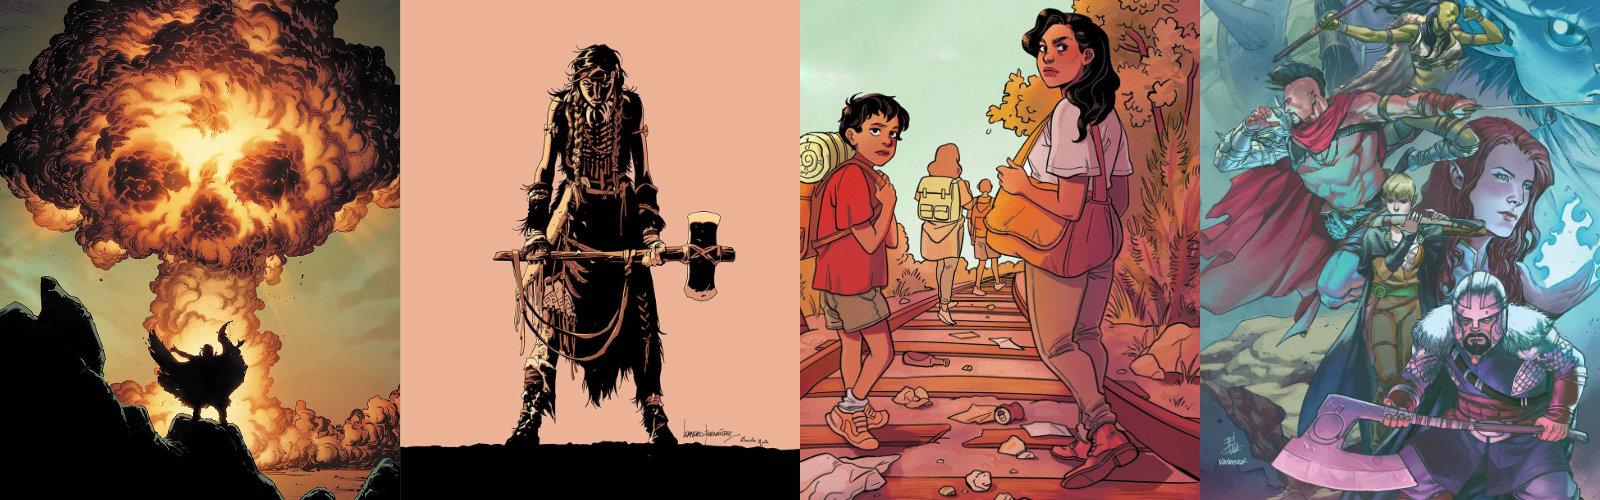 Solicitations: April 2021 – Image Comics